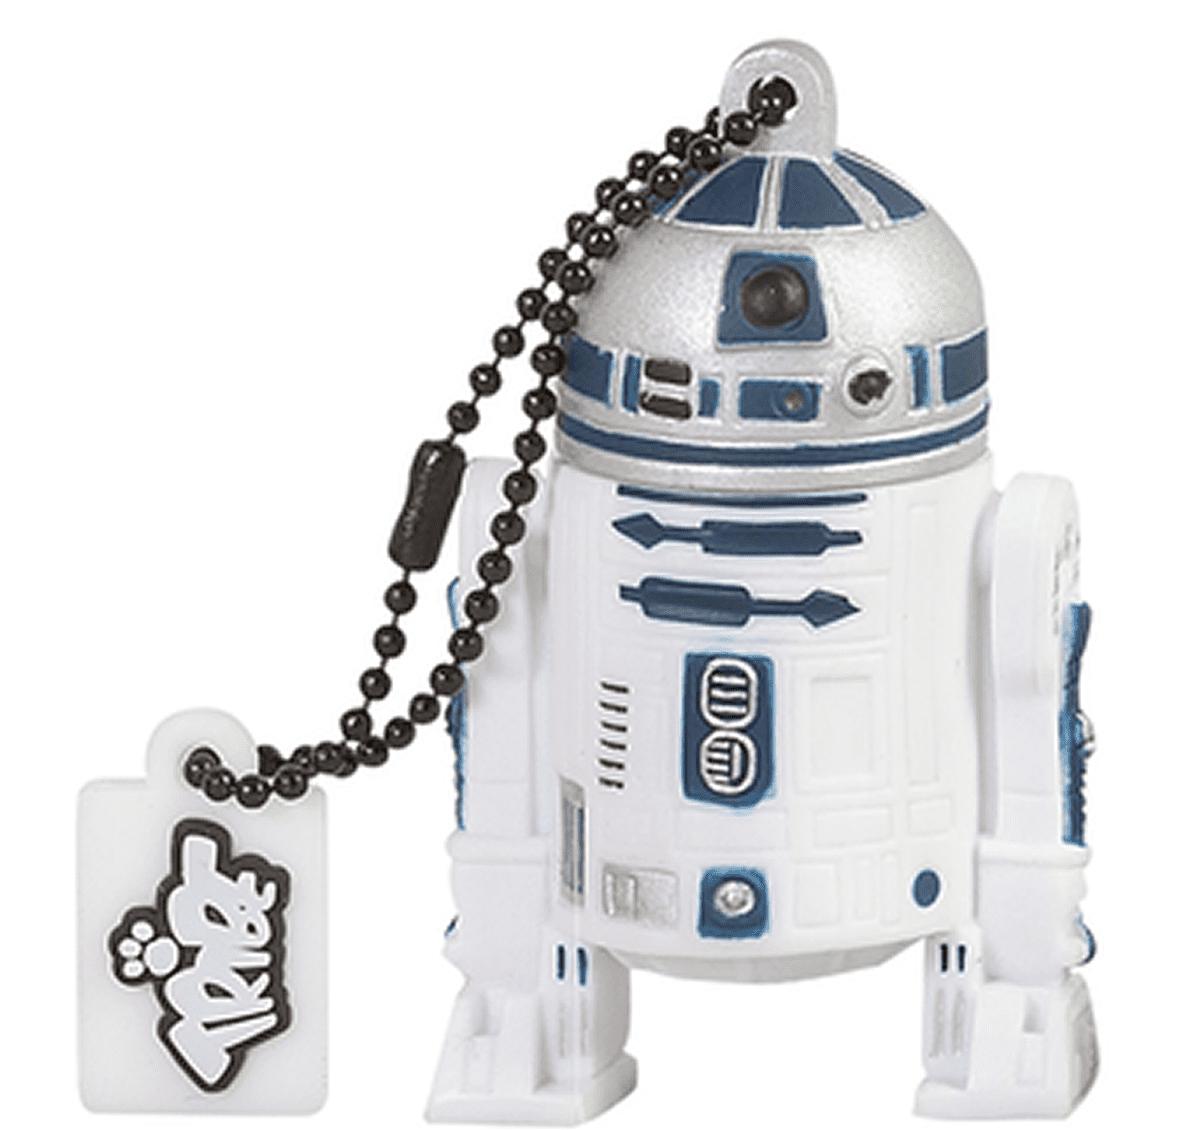 16GB Star Wars R2-D2 USB Flash Drive